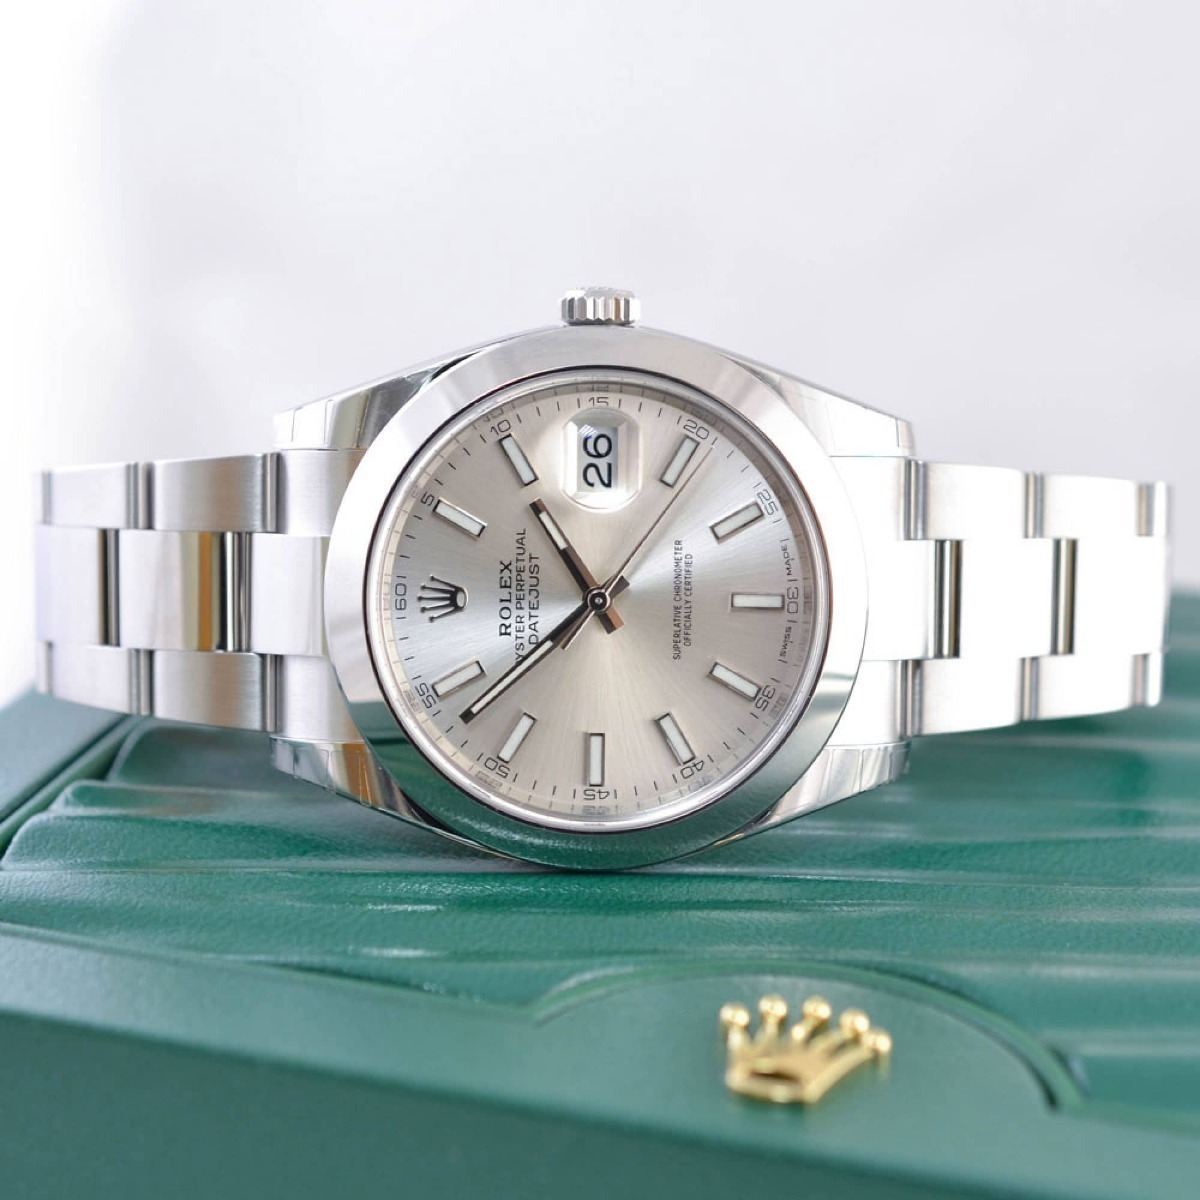 7cdca553d5e Relógio Datejust Steel Variados + Caixa E Documentos - R  1.389